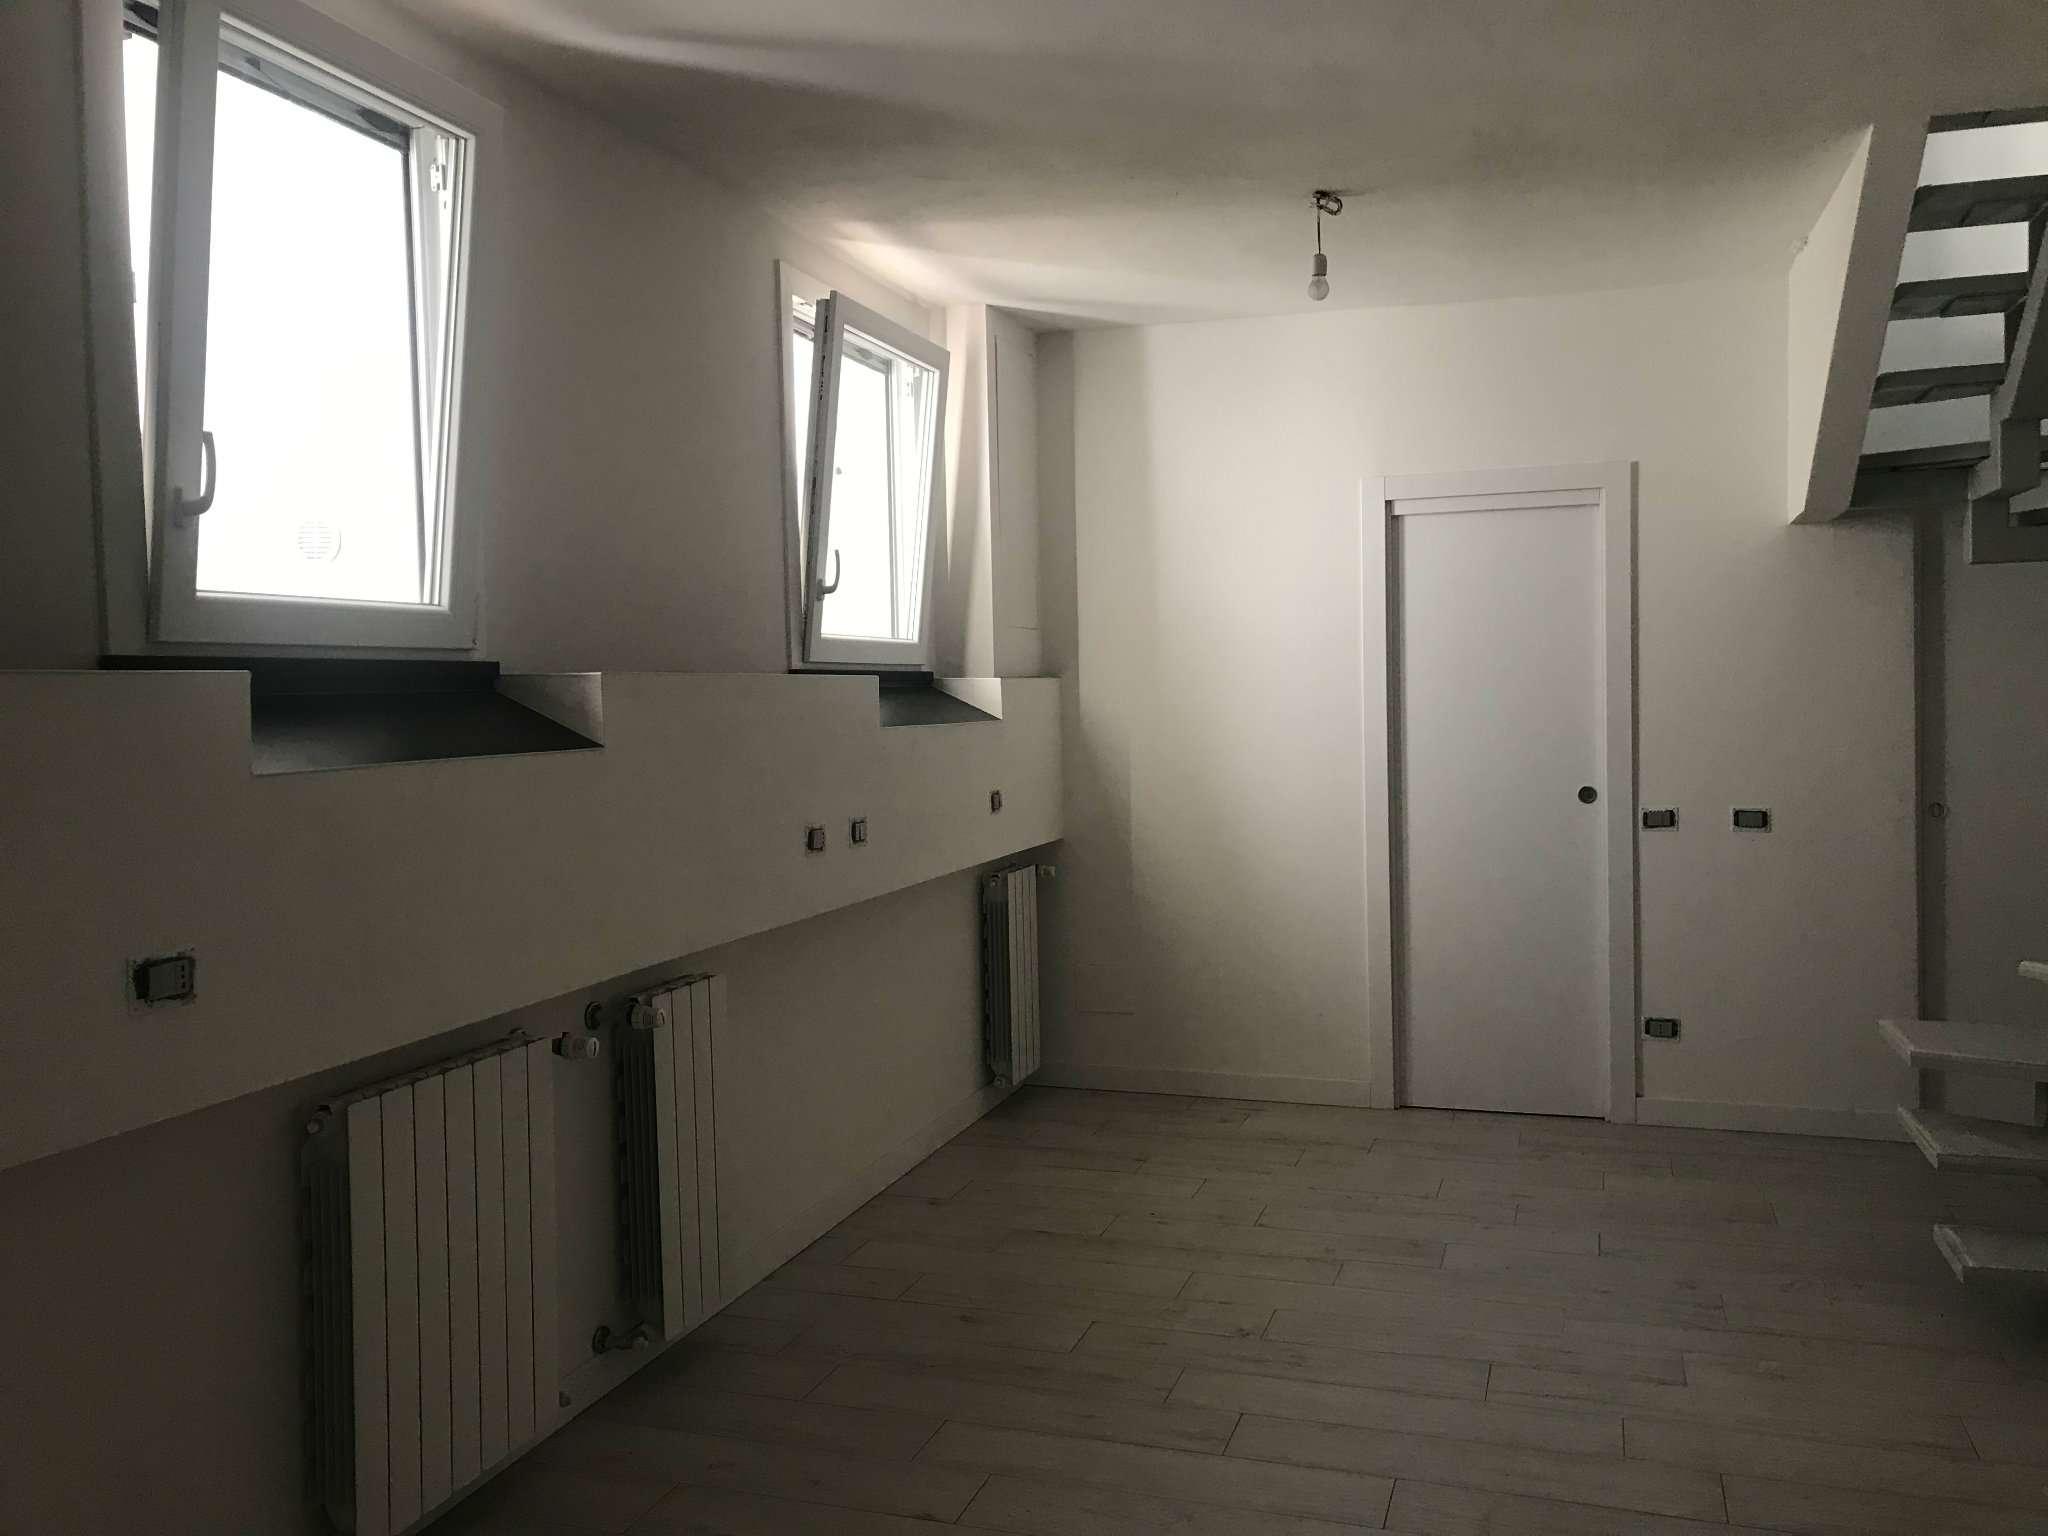 Appartamento in Vendita a Milano 23 Forlanini / Mecenate: 4 locali, 120 mq